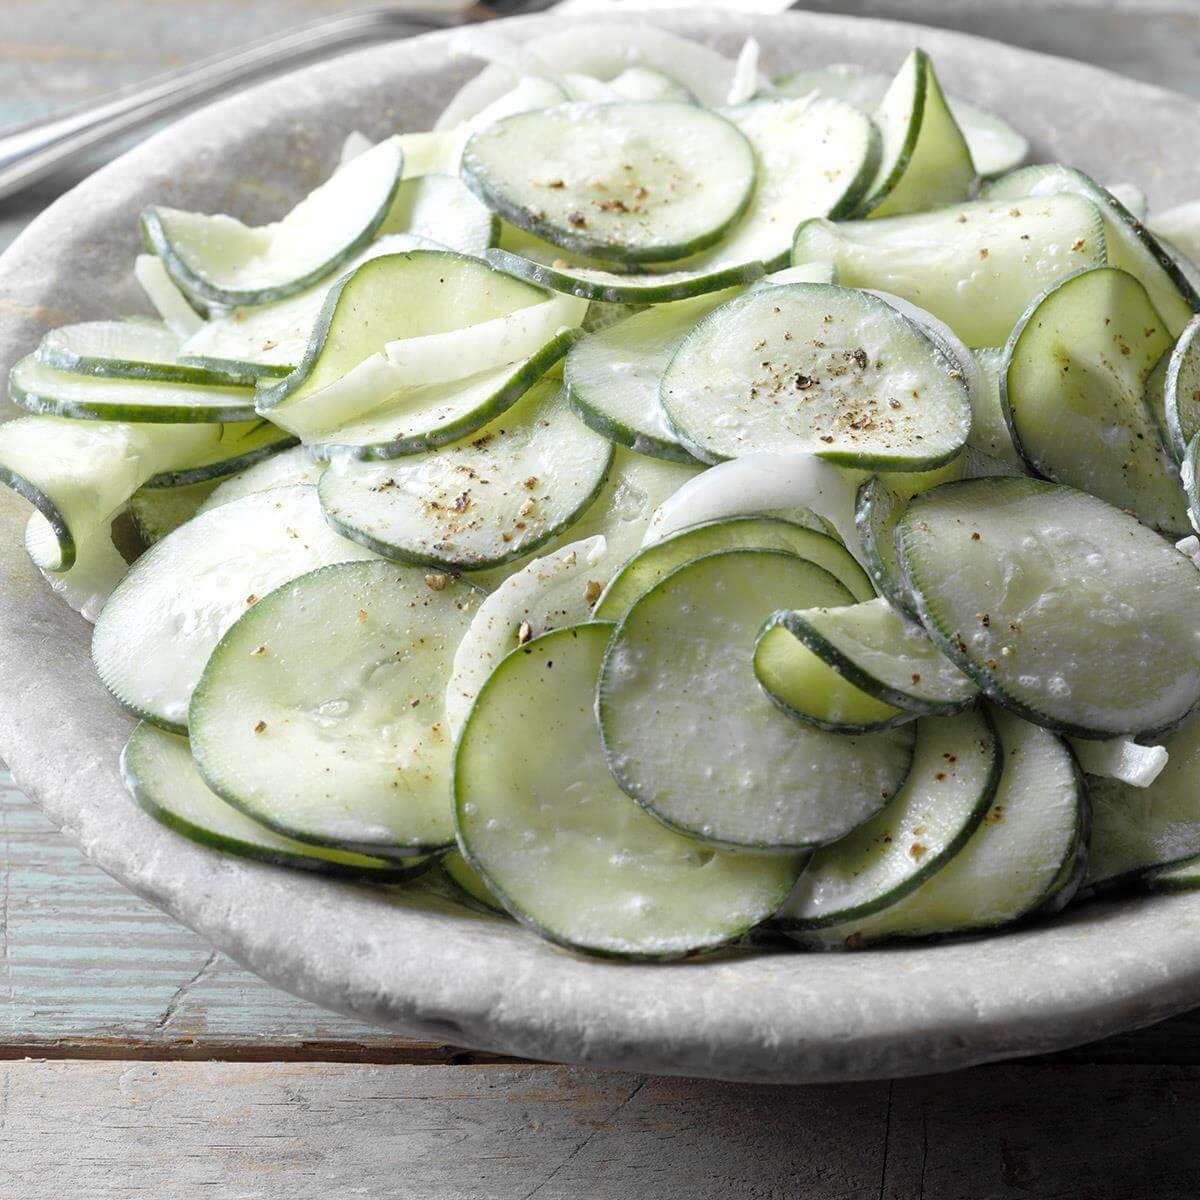 Sour Cream Cucumbers Recipe Creamed Cucumbers Cucumber Recipes Cucumber Recipes Salad